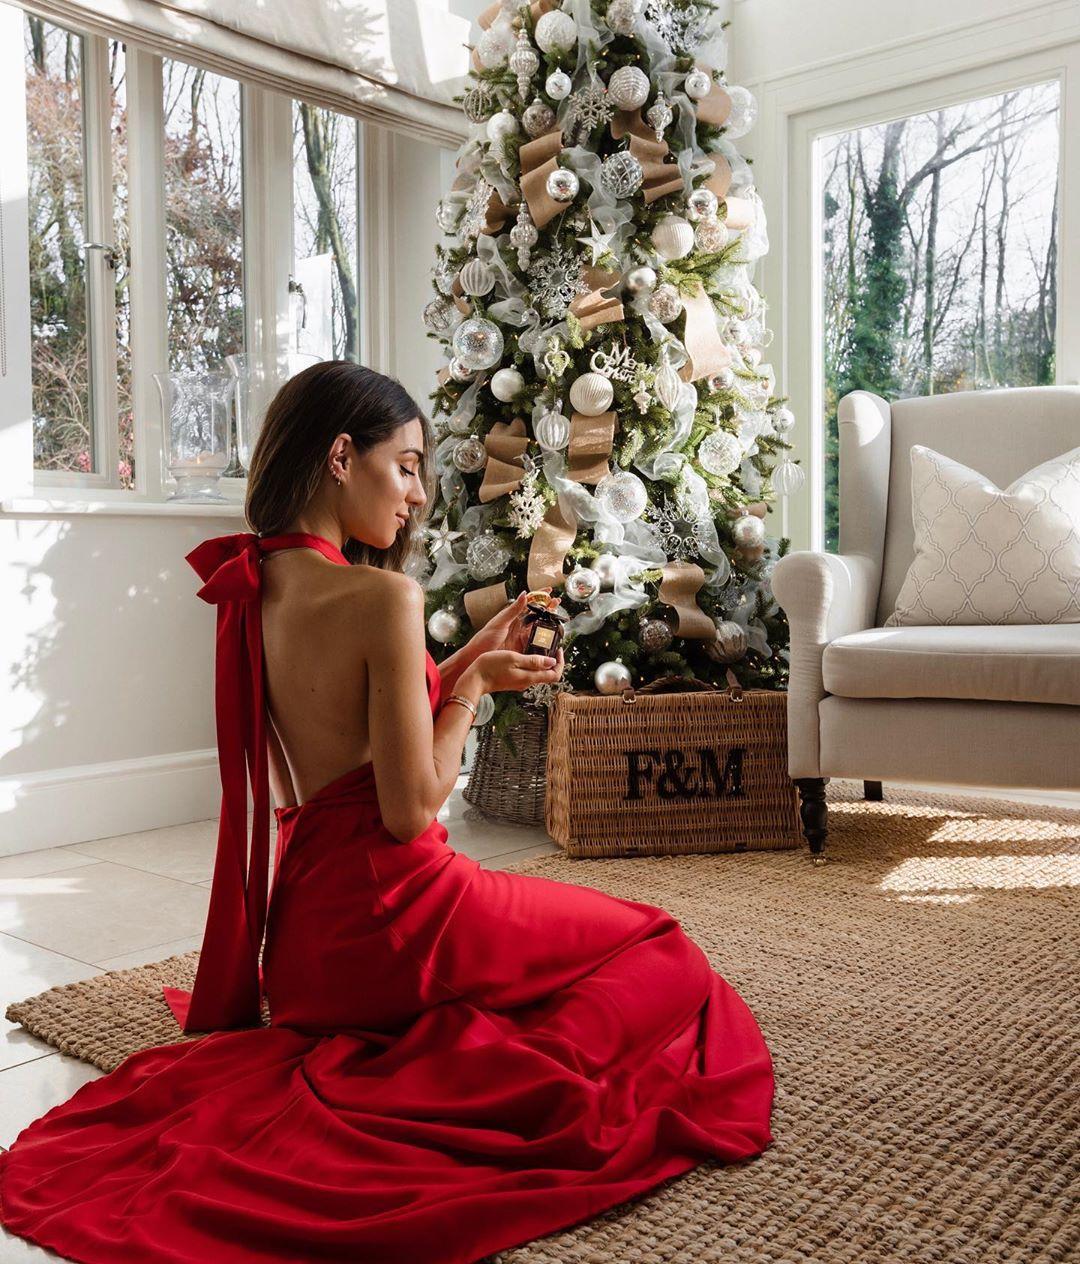 Comment Passer Noël Toute Seule Et Vivre Quand Même La Magie de Noël